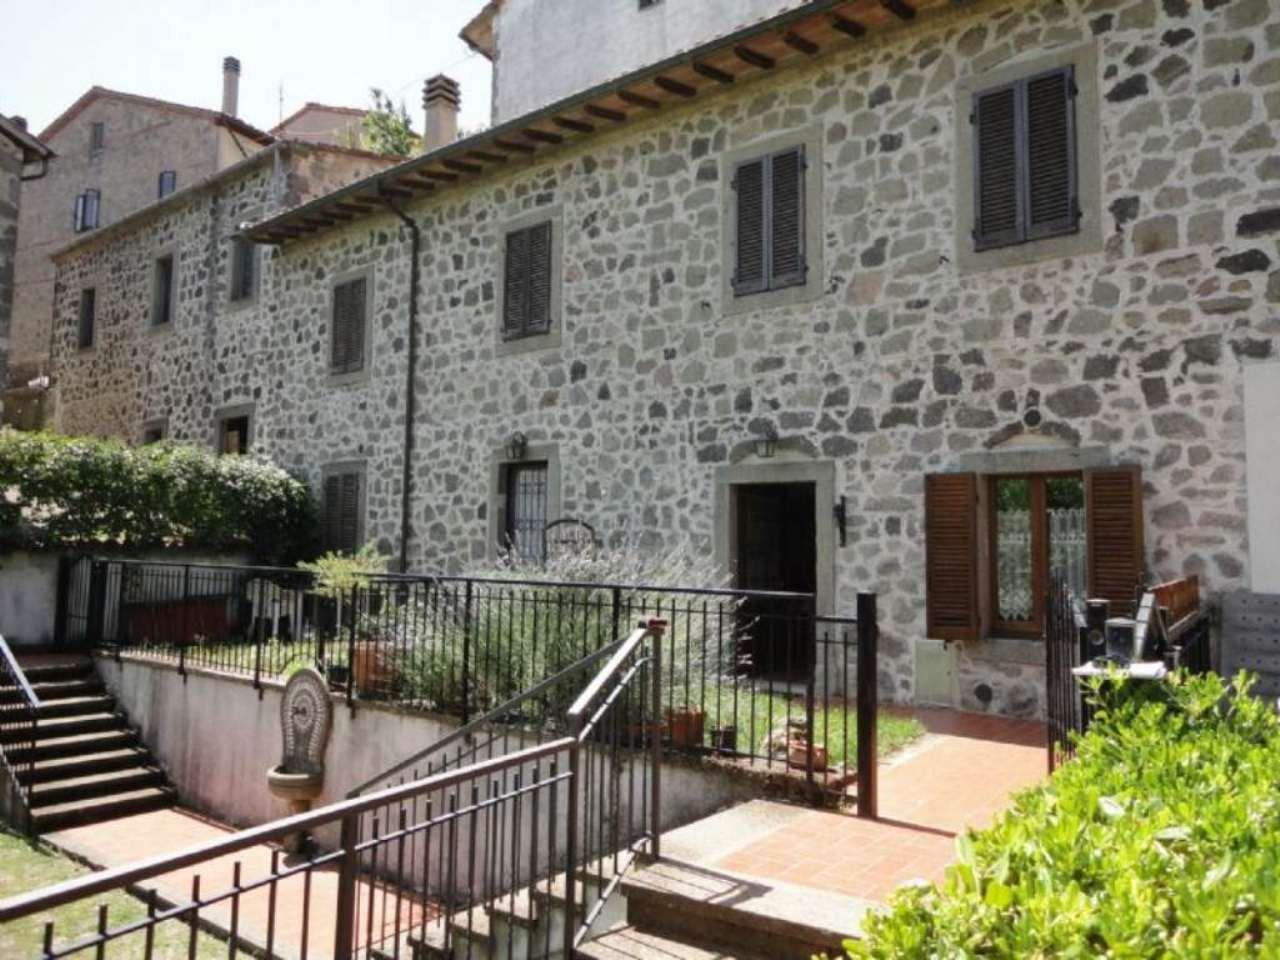 Appartamento in vendita a Castiglione d'Orcia, 3 locali, prezzo € 85.000 | Cambio Casa.it